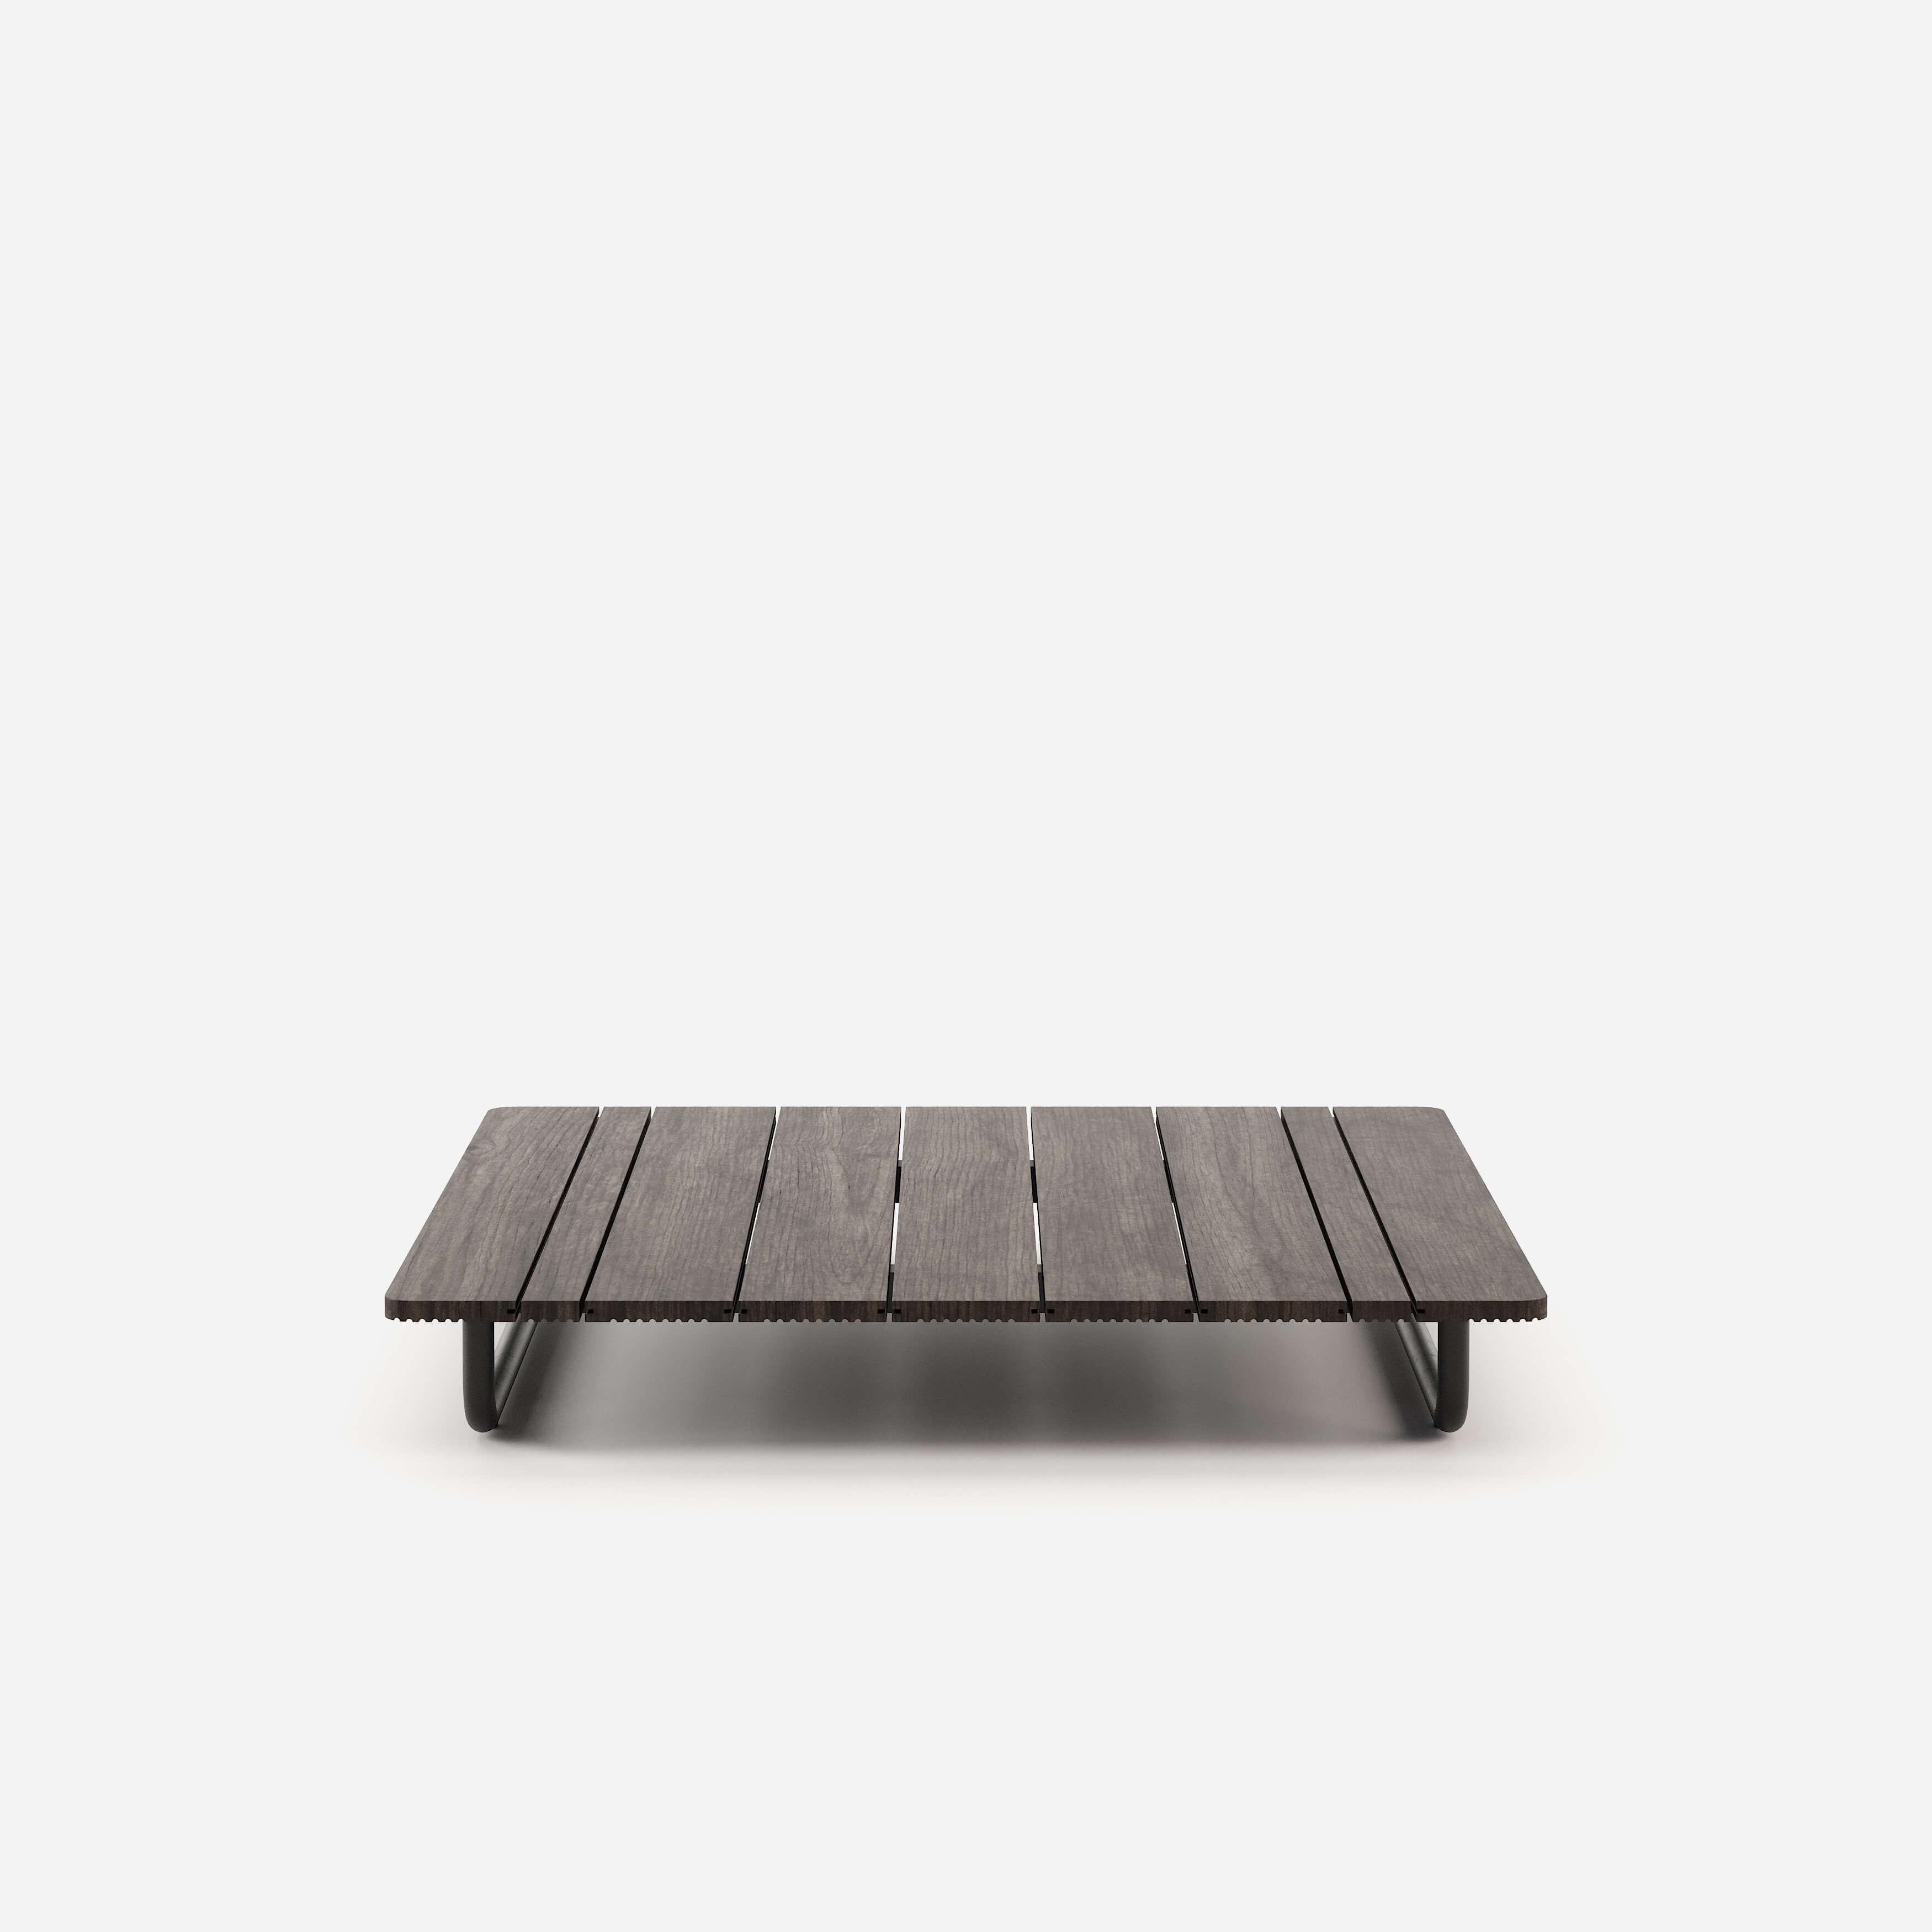 copacabana-coffe-table-exterior-collection-domkaoa-furniture-interior-design-home-decor-metal-woord-2